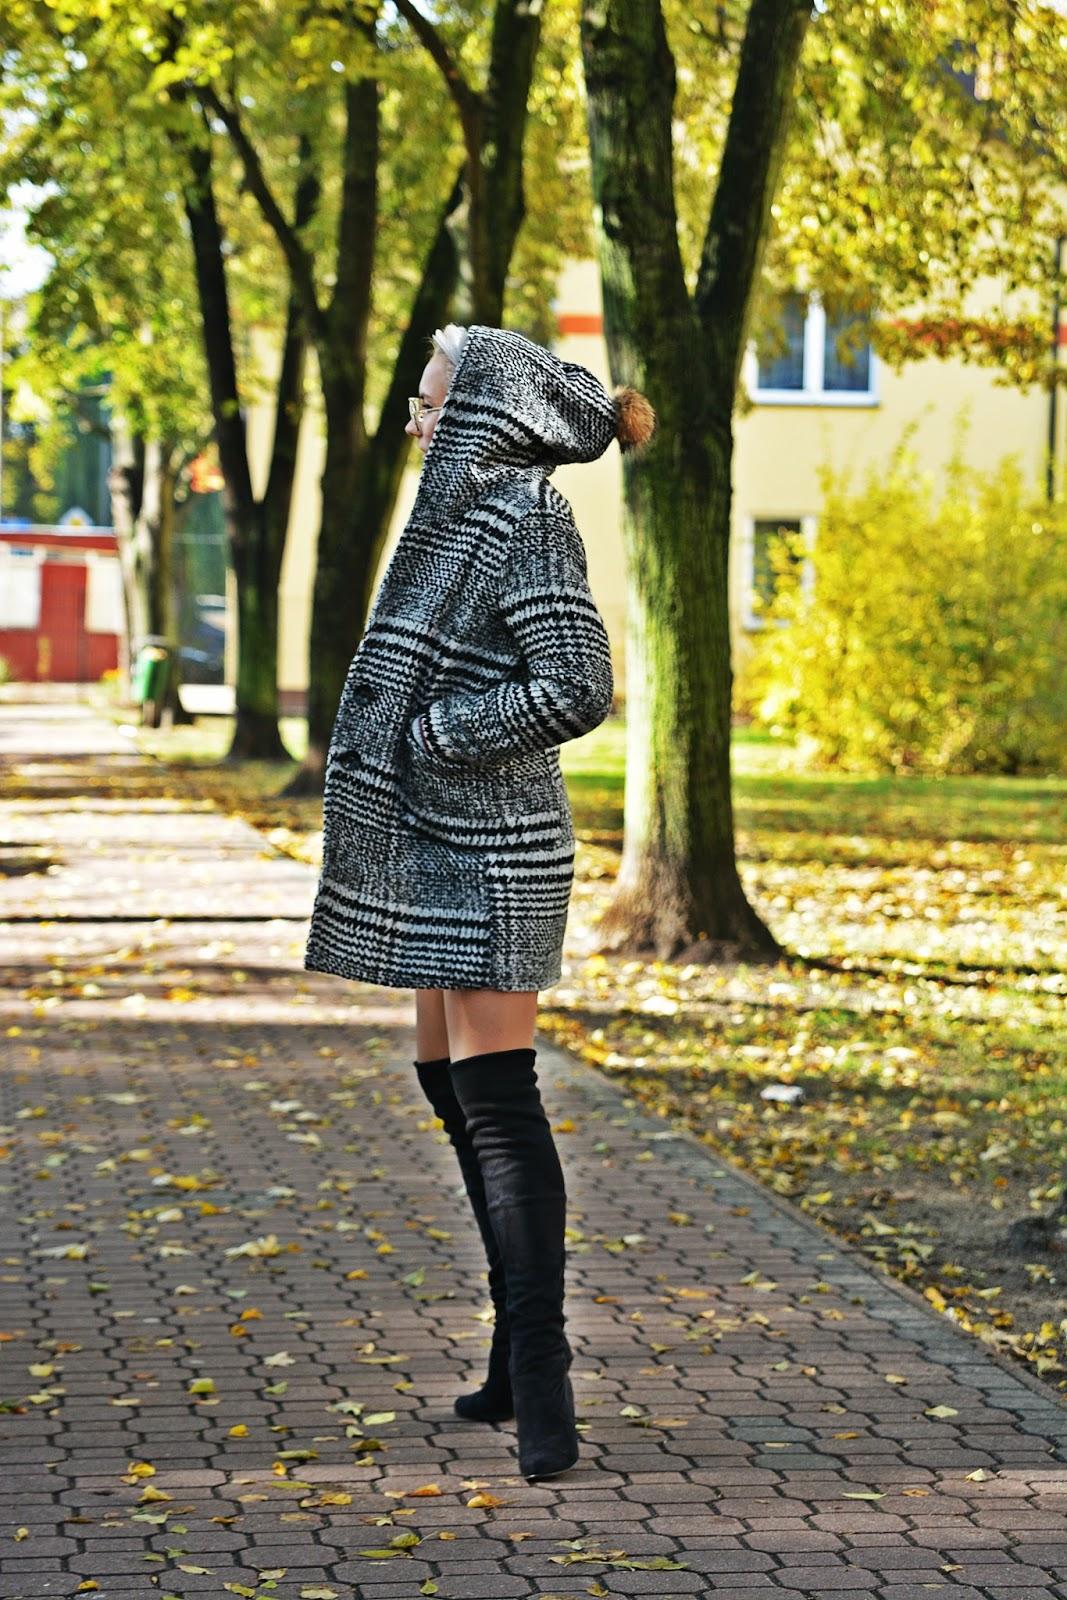 szary_plaszcz_spodnica_jeans_guziki_bordowa_ramoneska_karynhj